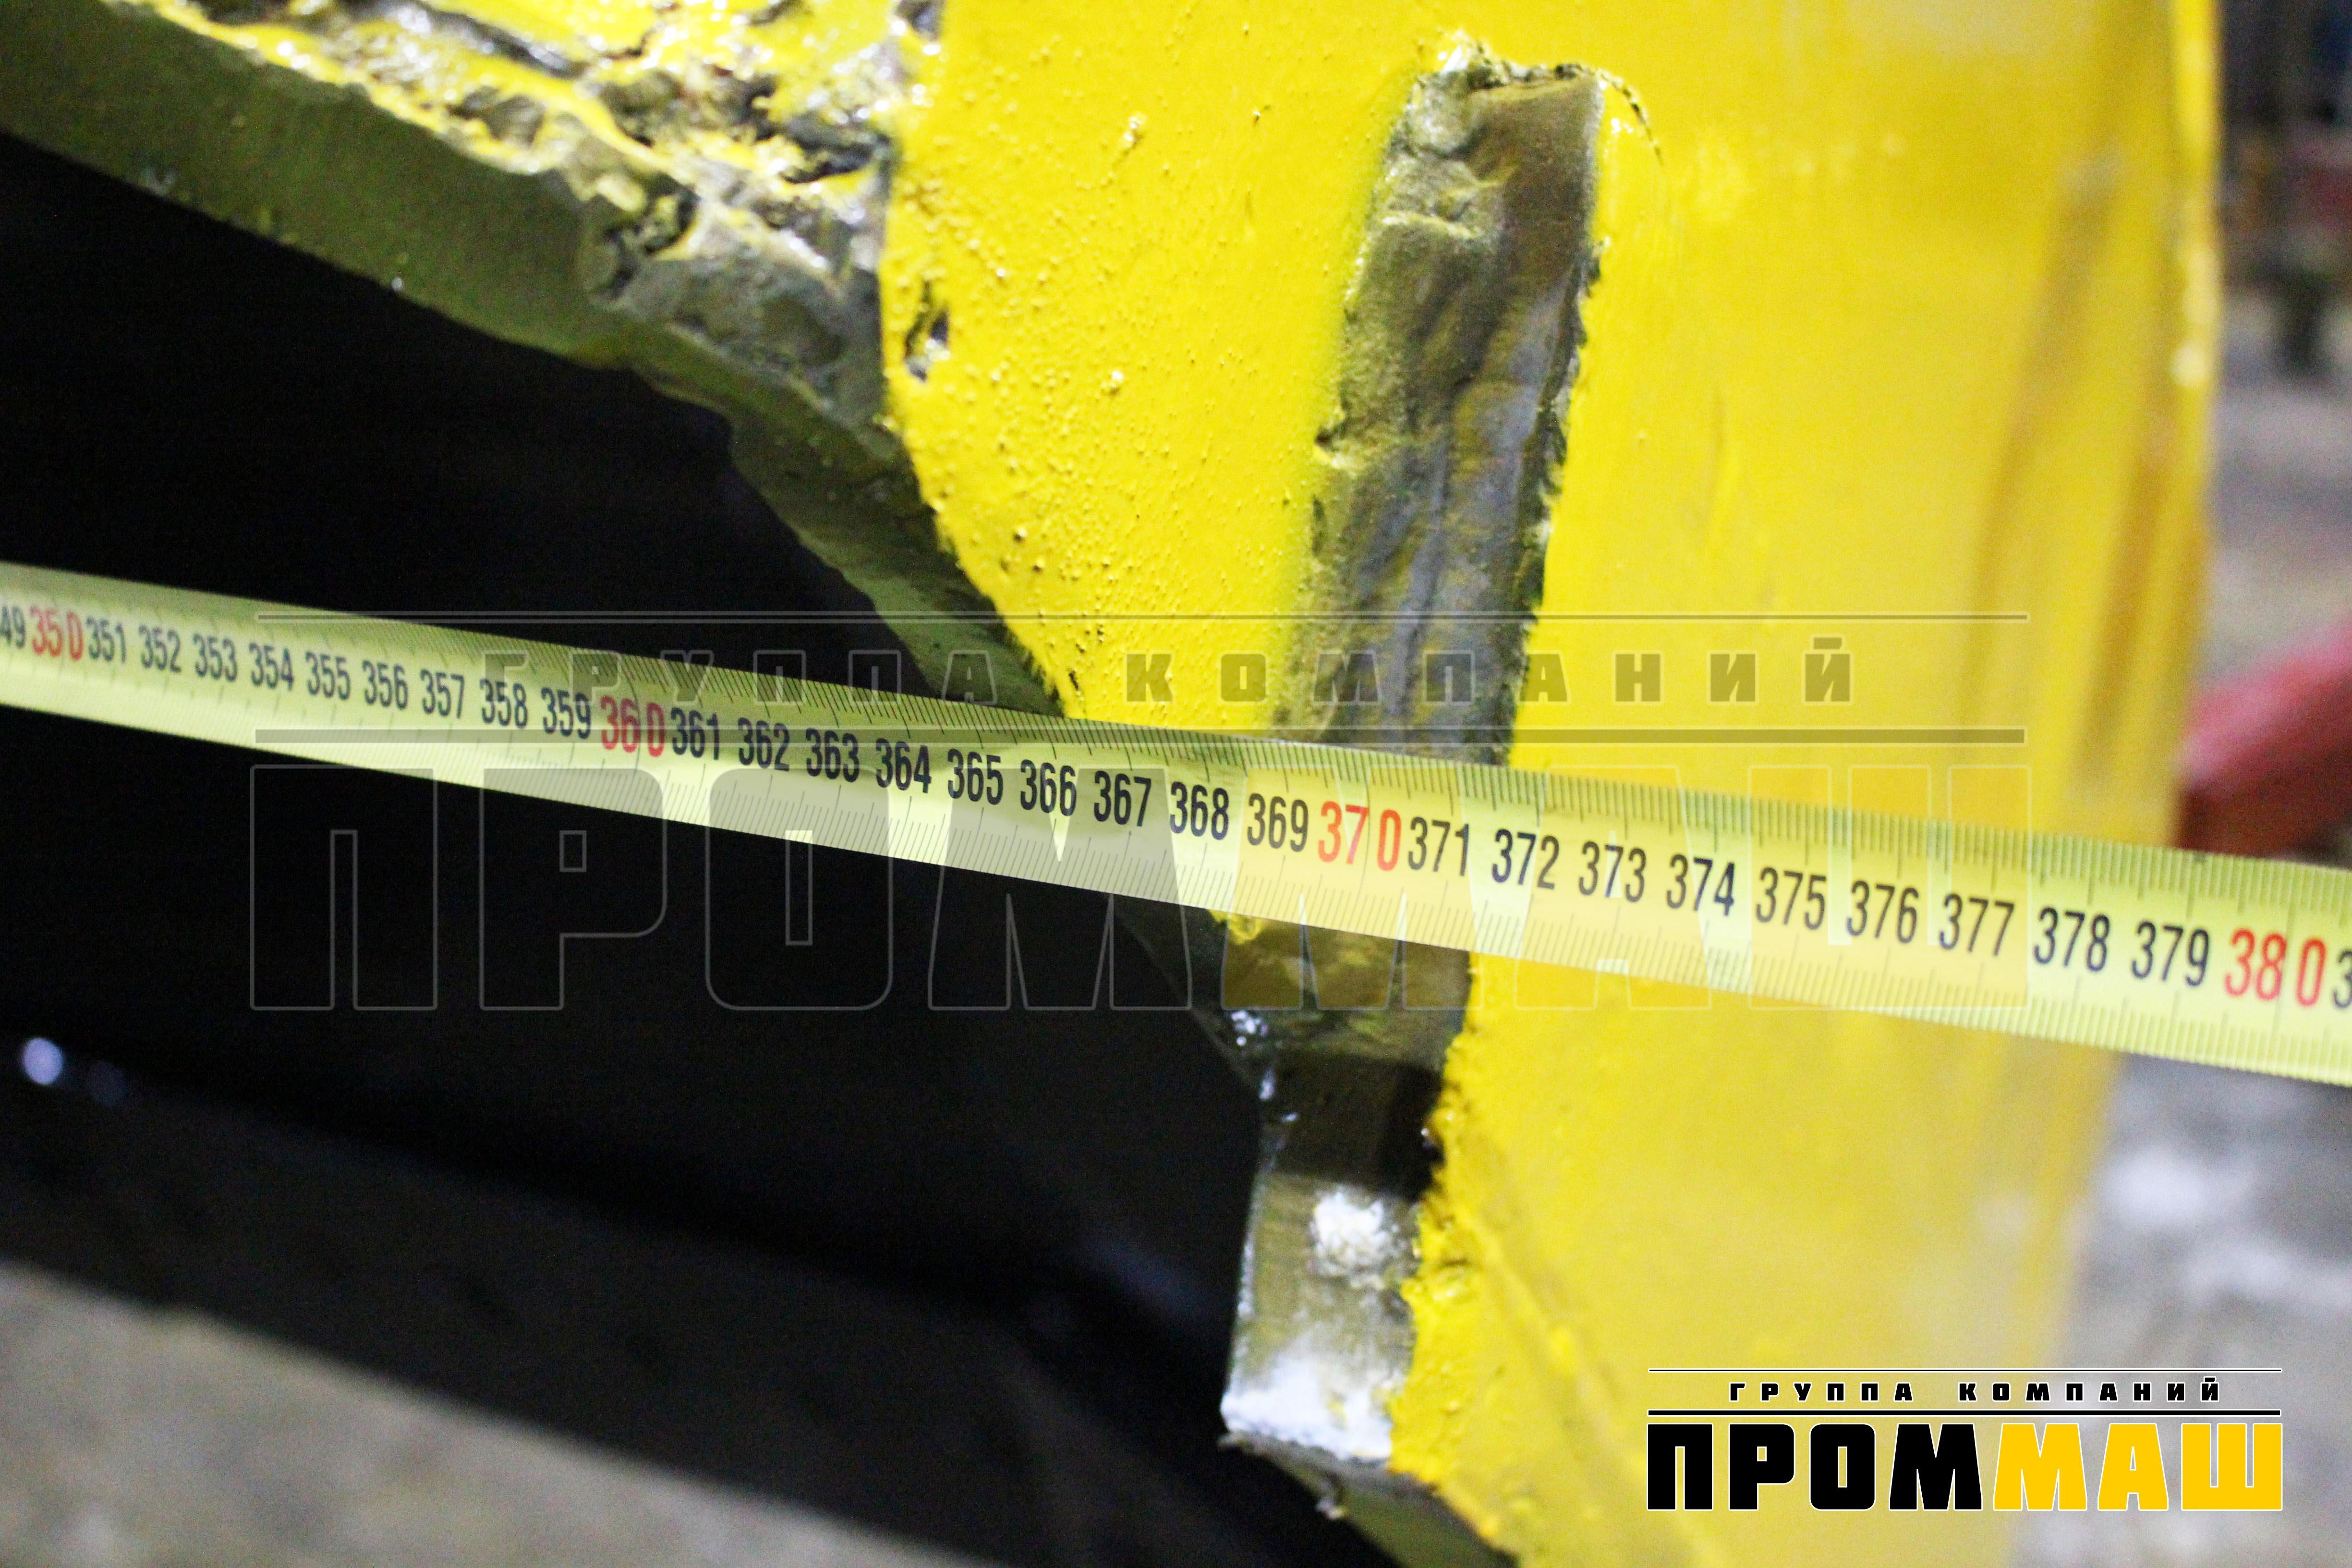 четра 35 четра т 35 ЧЕТРА Т-35.01 ЯБЛ-3 лебедка узкий отвал 1